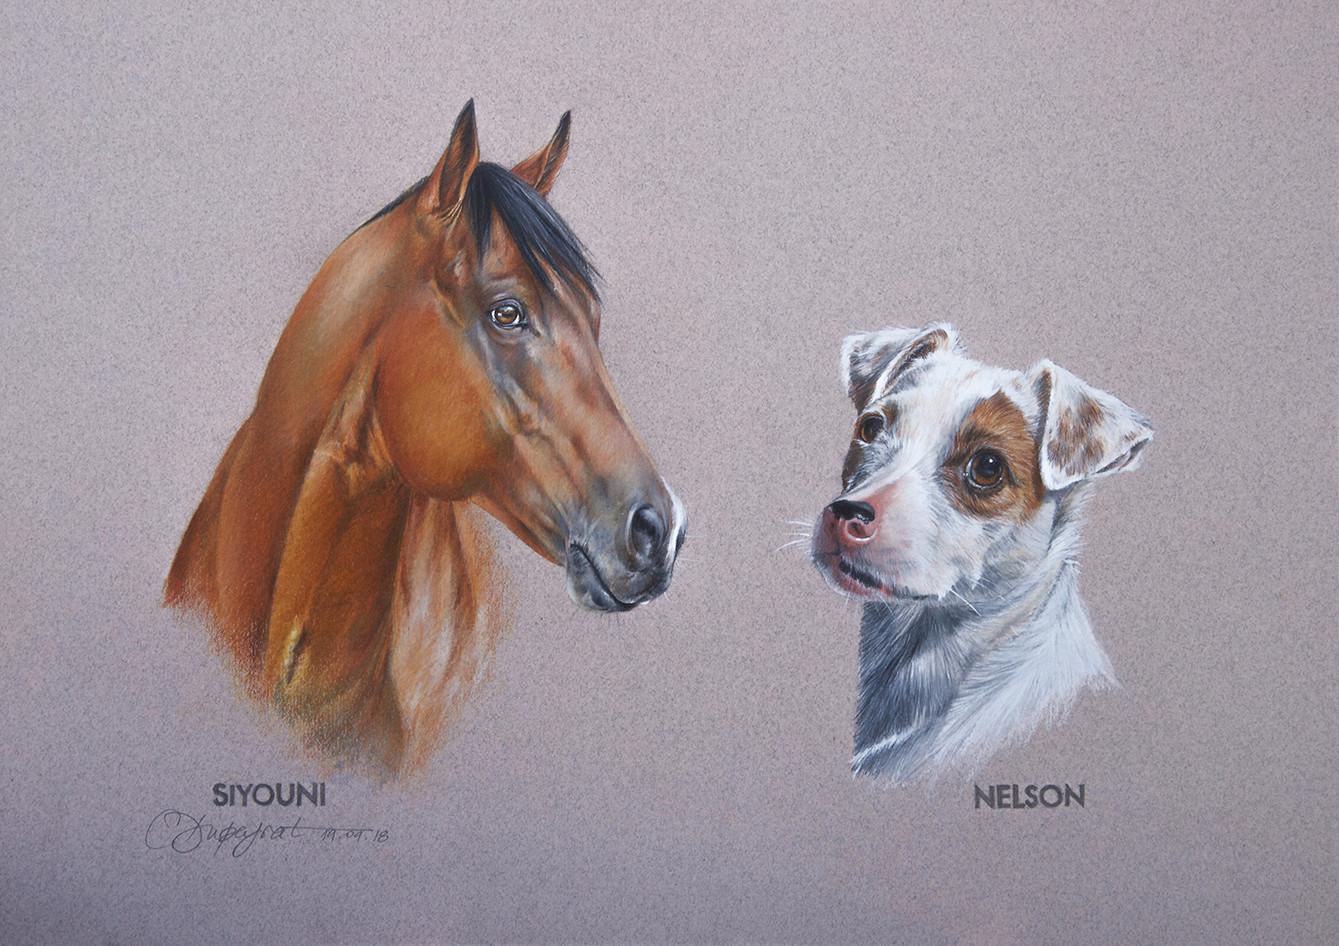 Siyouni & Nelson